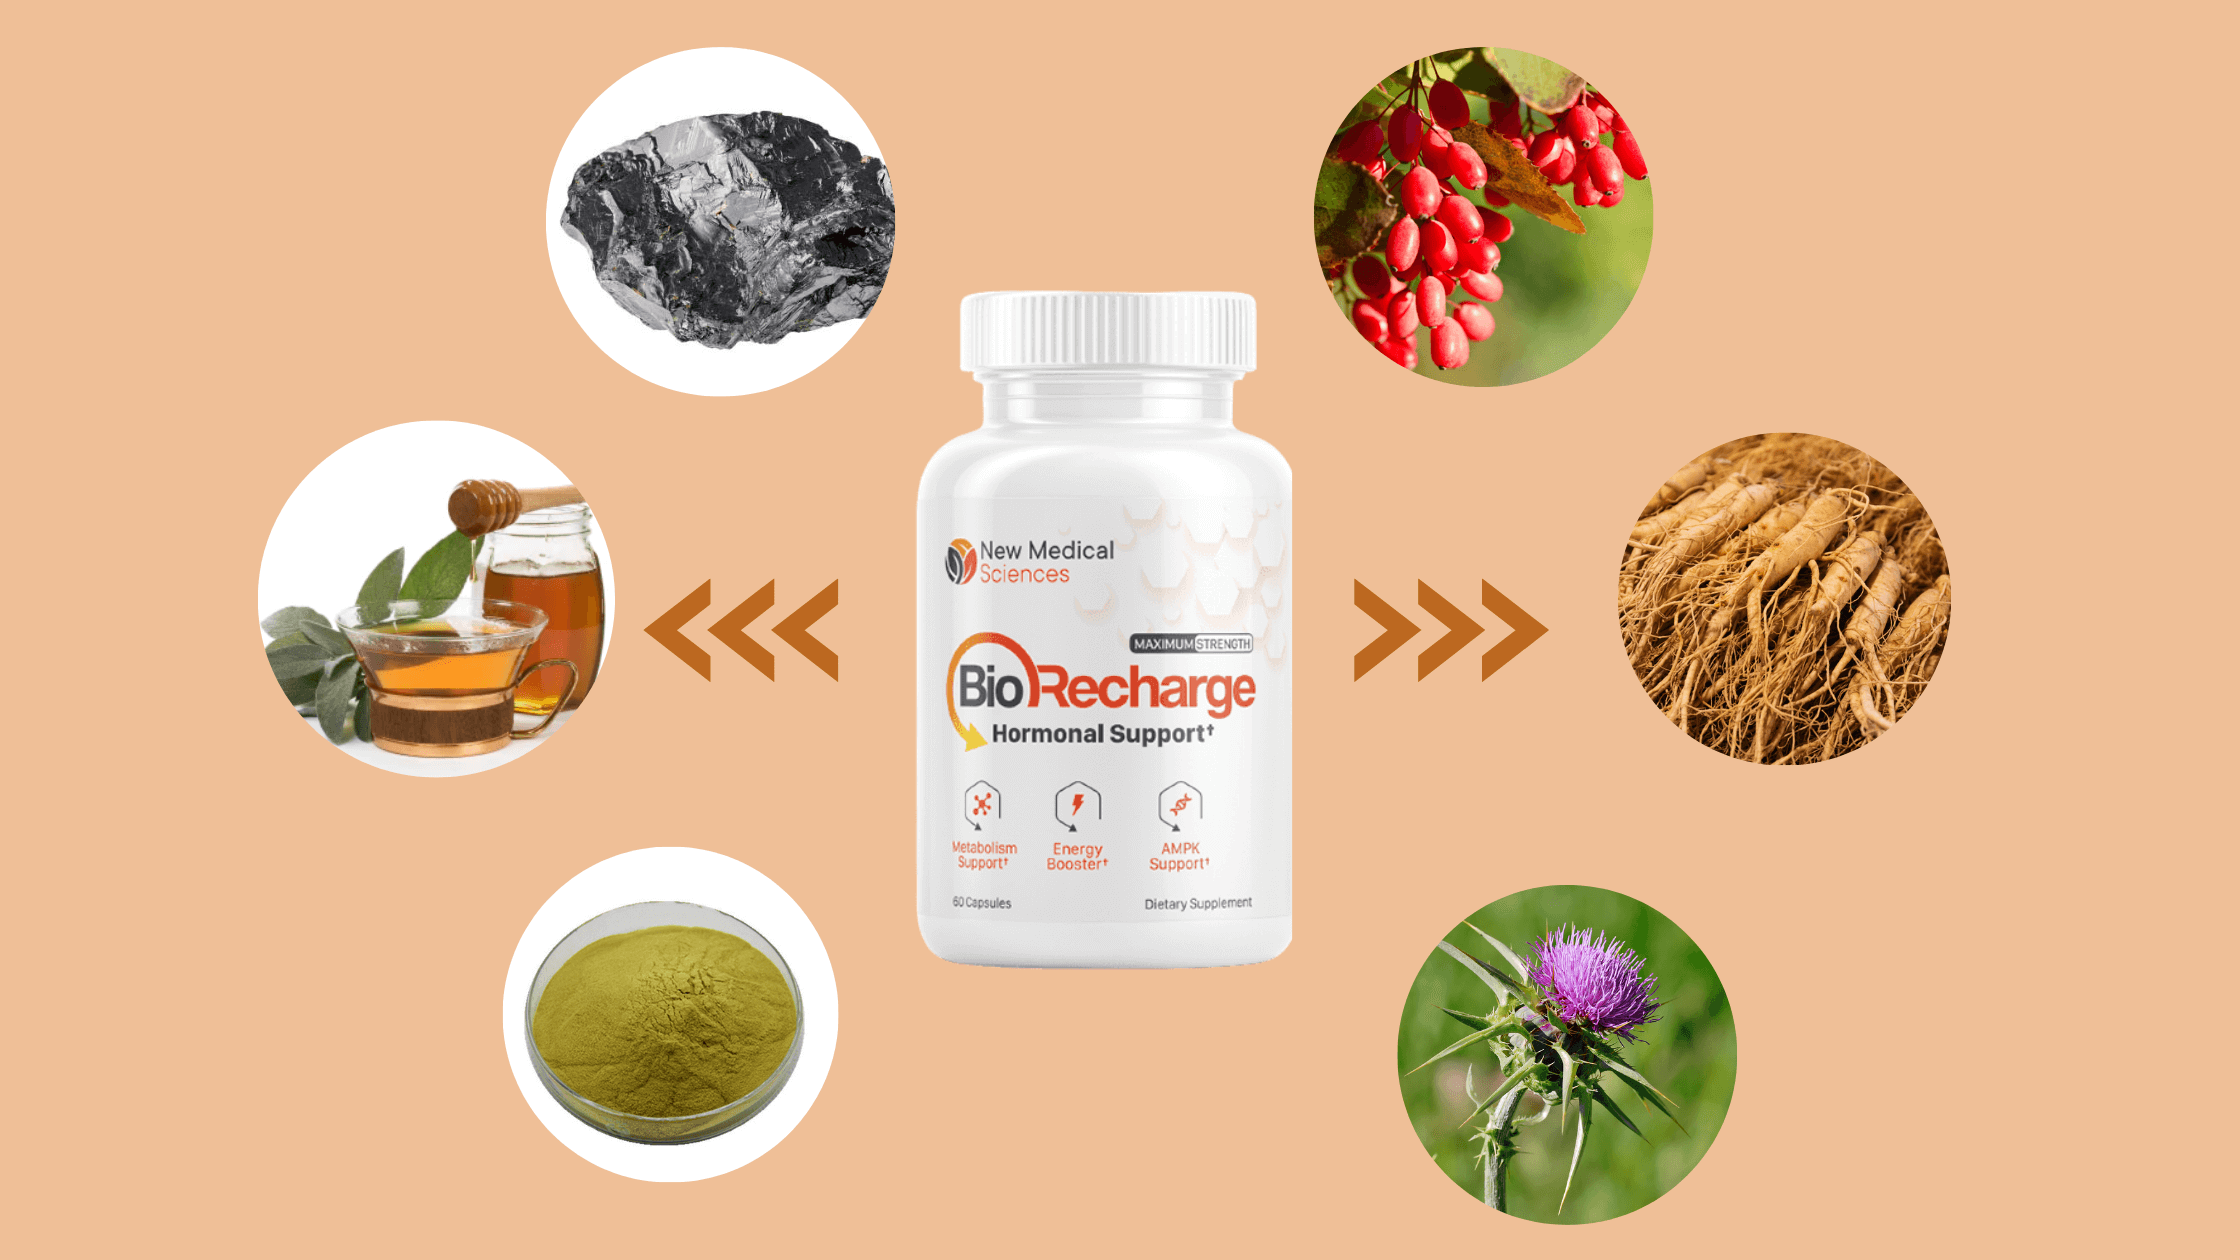 BioRecharge Ingredients